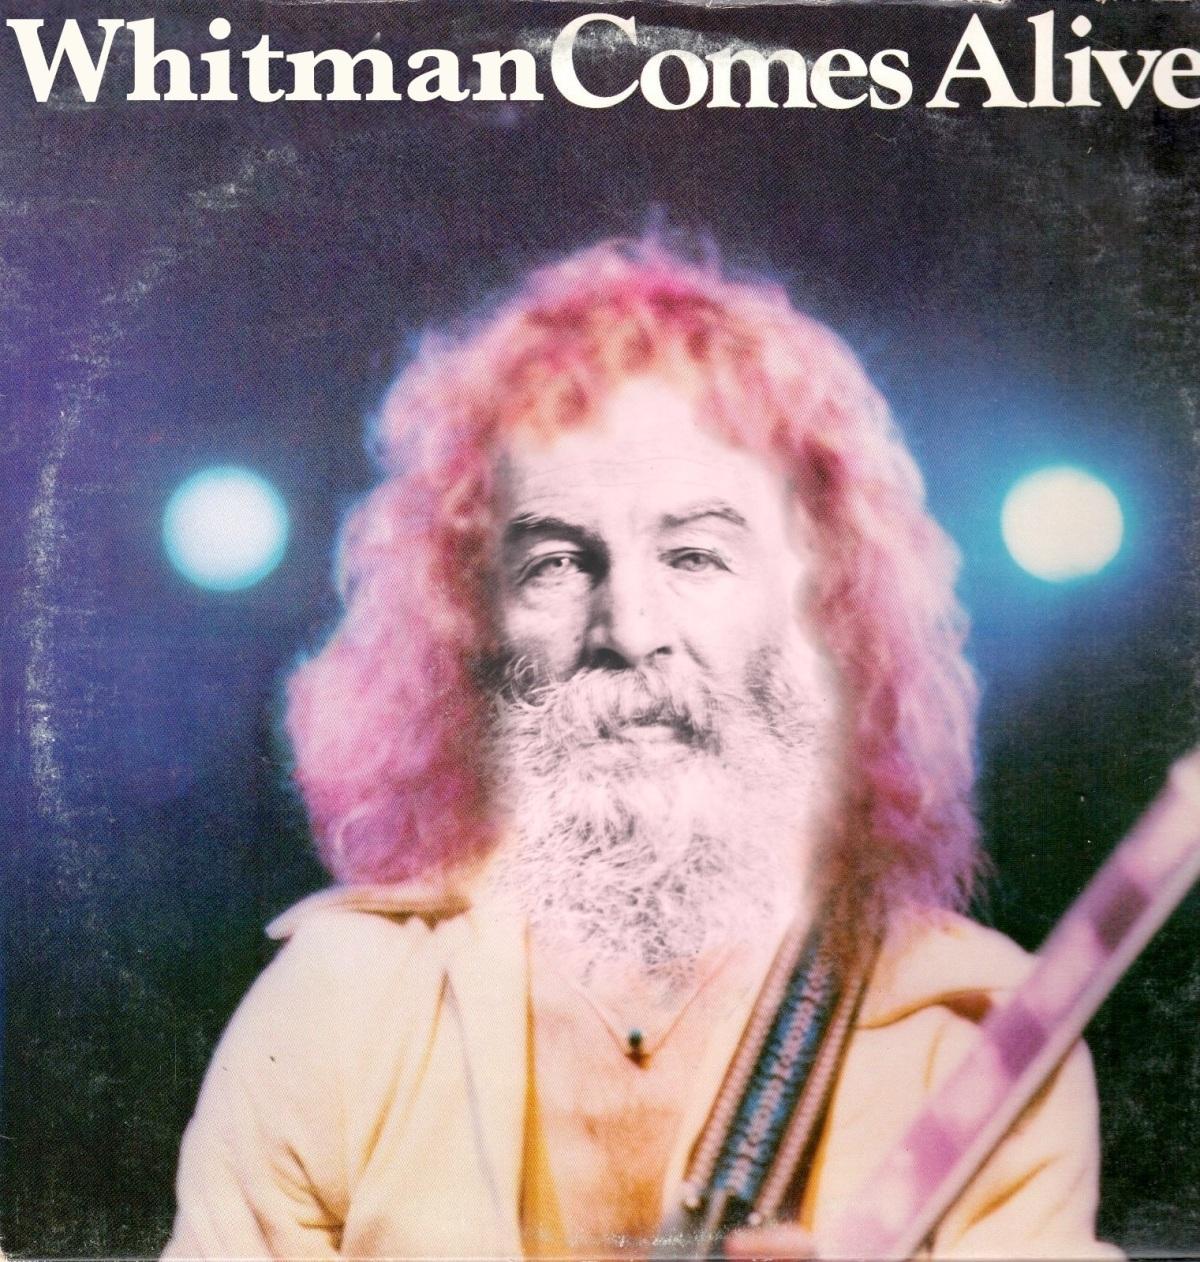 whitman comes alive 2